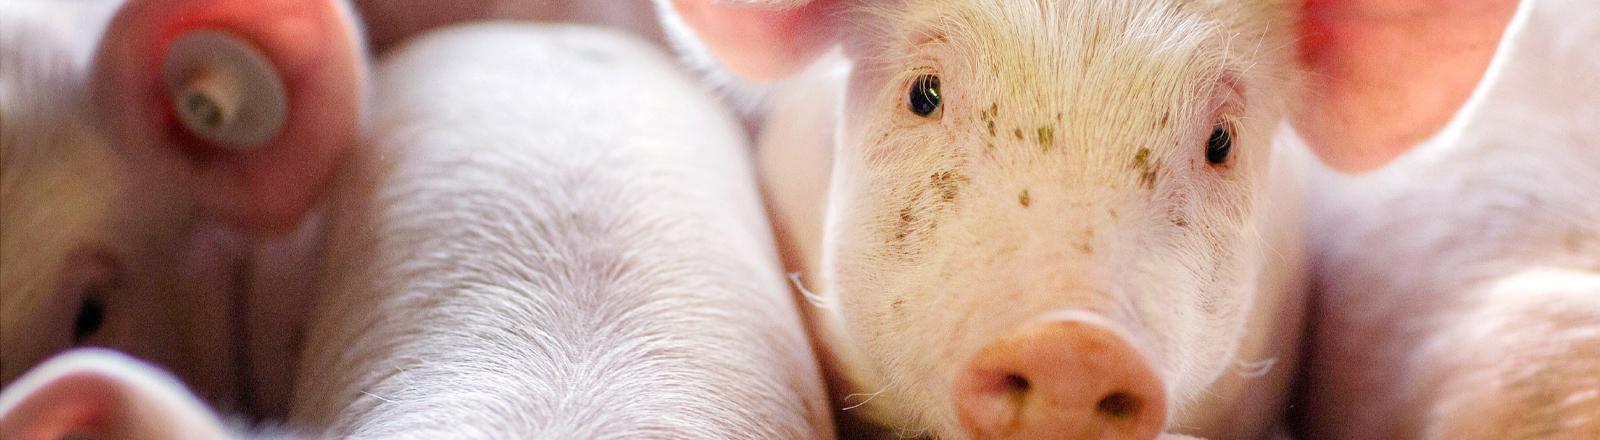 Ferkel stehen in einer Box in einer Schweinezuchtanlage